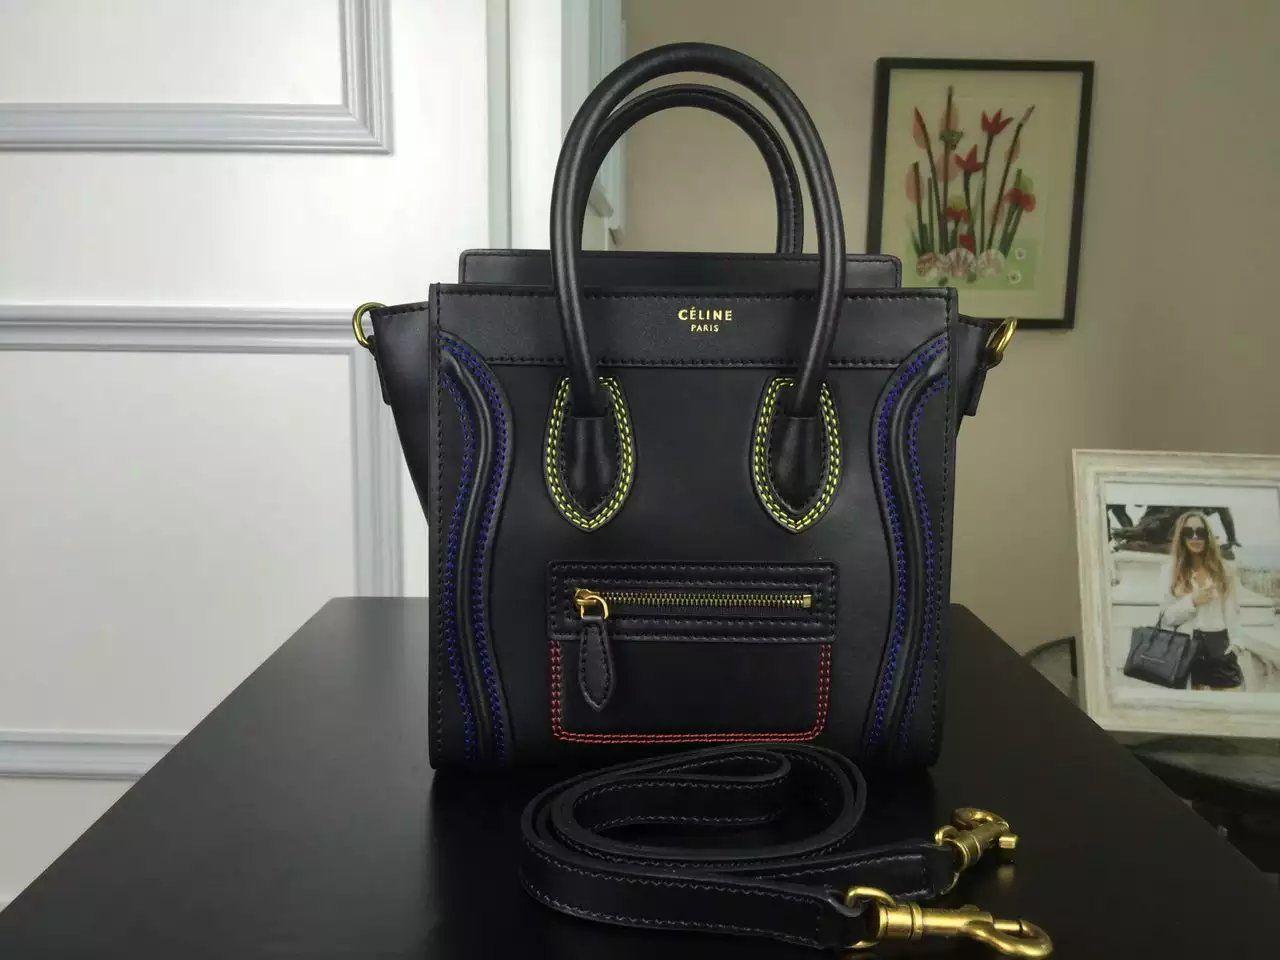 Authentic Quality 1 1 Mirror Replica Celine Multi Color Double Stitching  Nano Luggage Bag Black 177923ADG.38NO 78e54b1529646